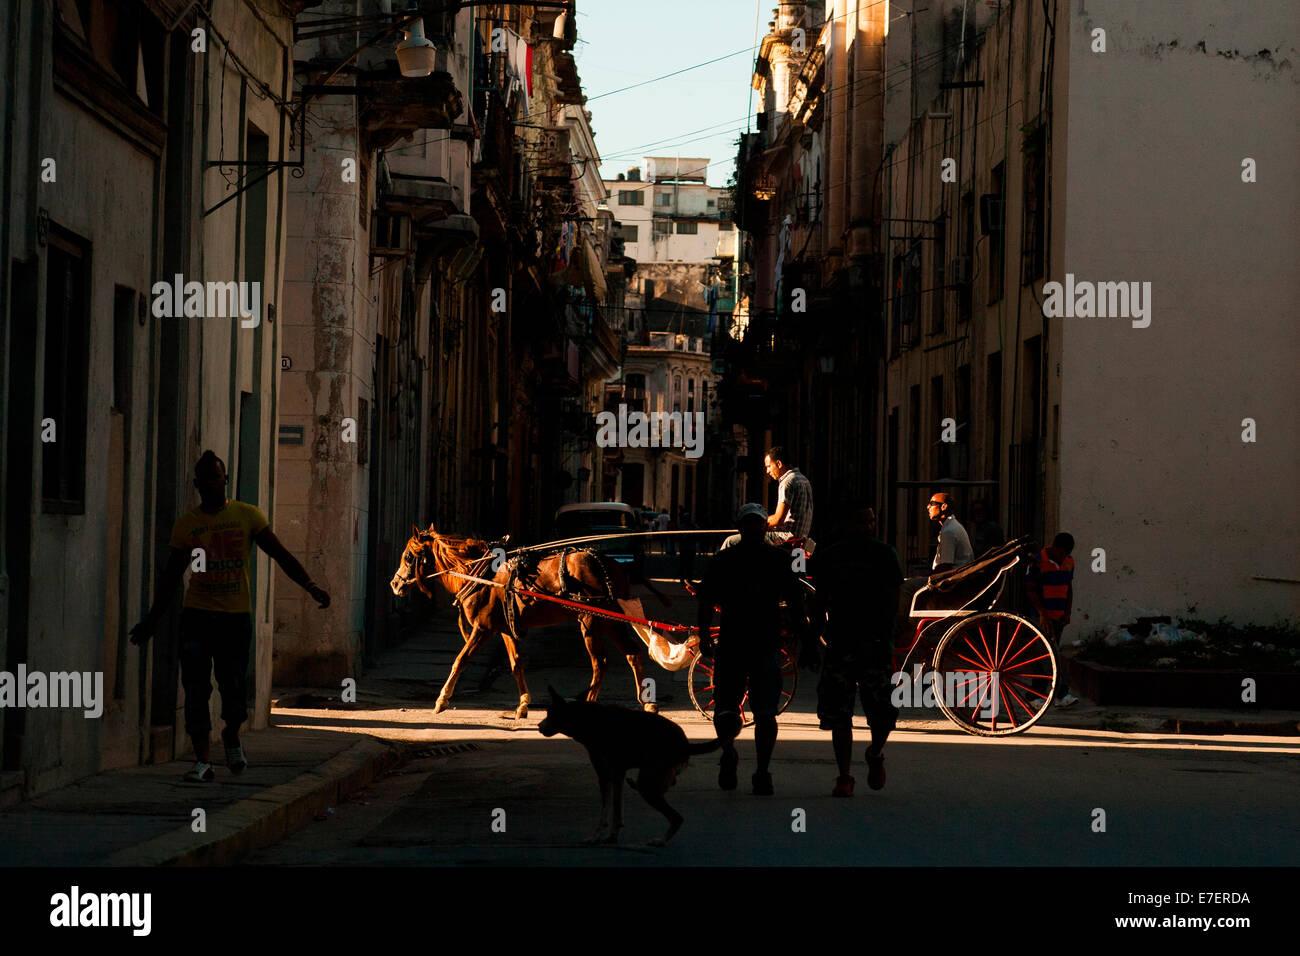 Una carrozza a l'Avana, Cuba porta il suo passeggero in fondo a una strada laterale, in un fascio di tardo pomeriggio Immagini Stock